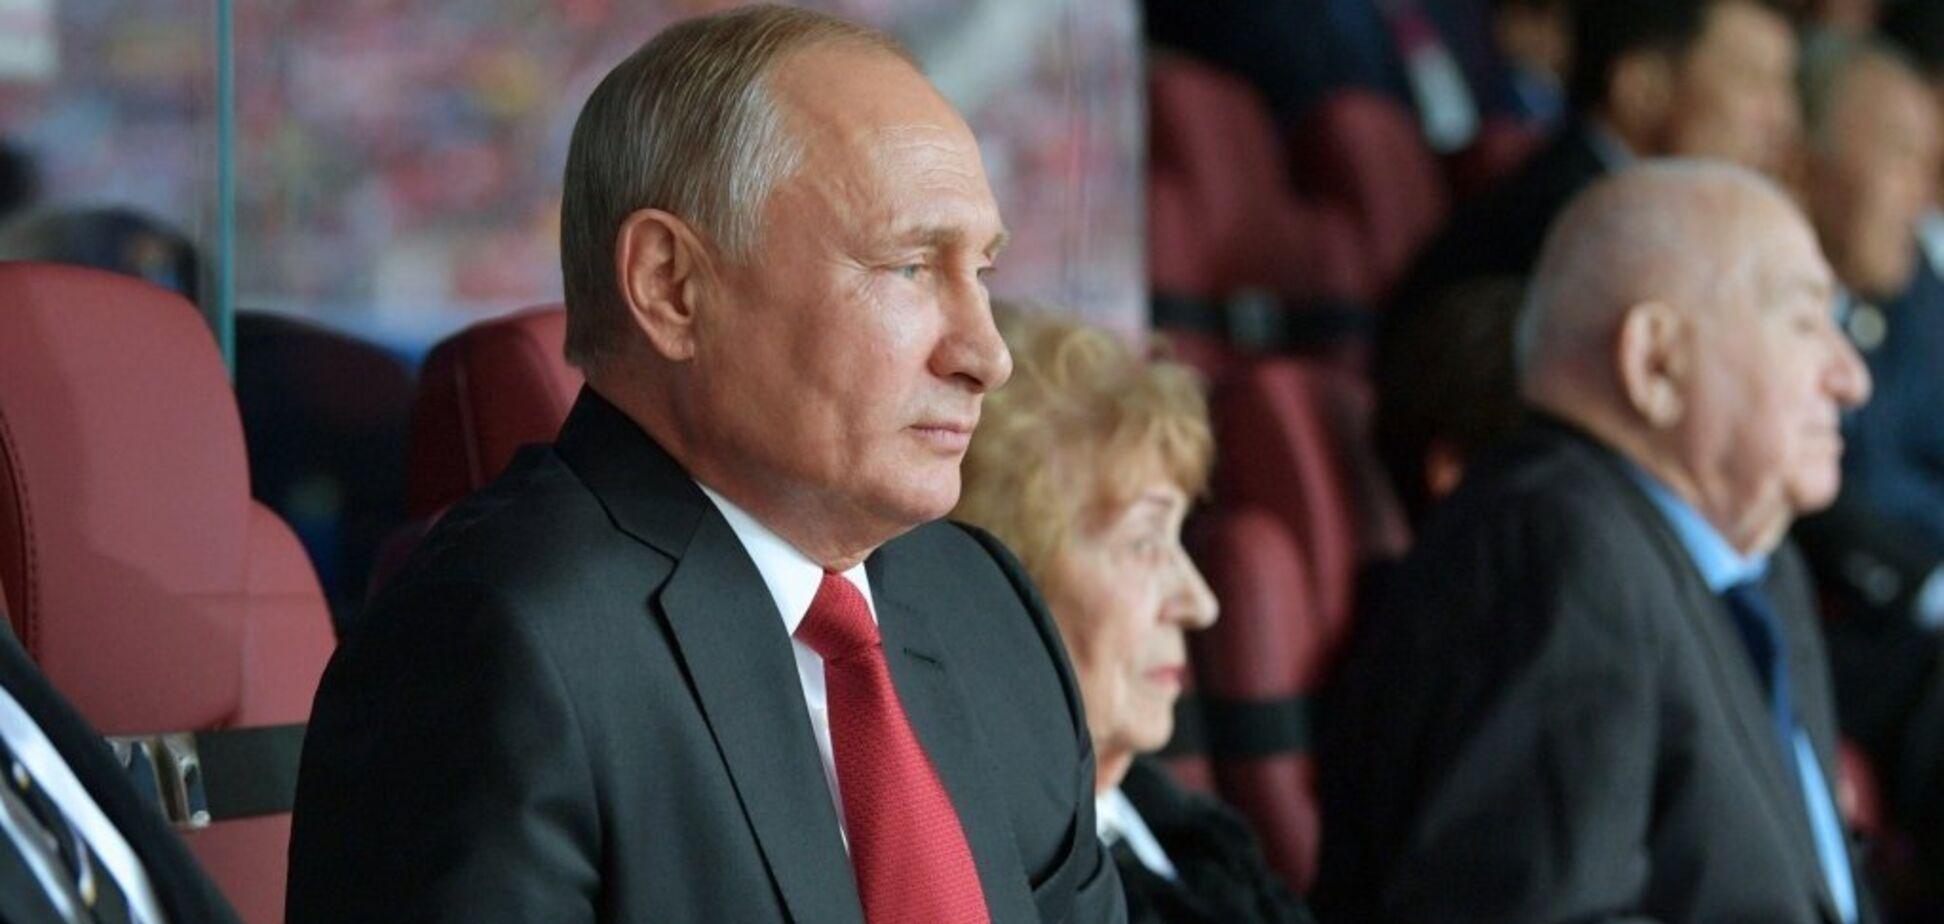 Если начнется война, Путин будет просто в шоколаде